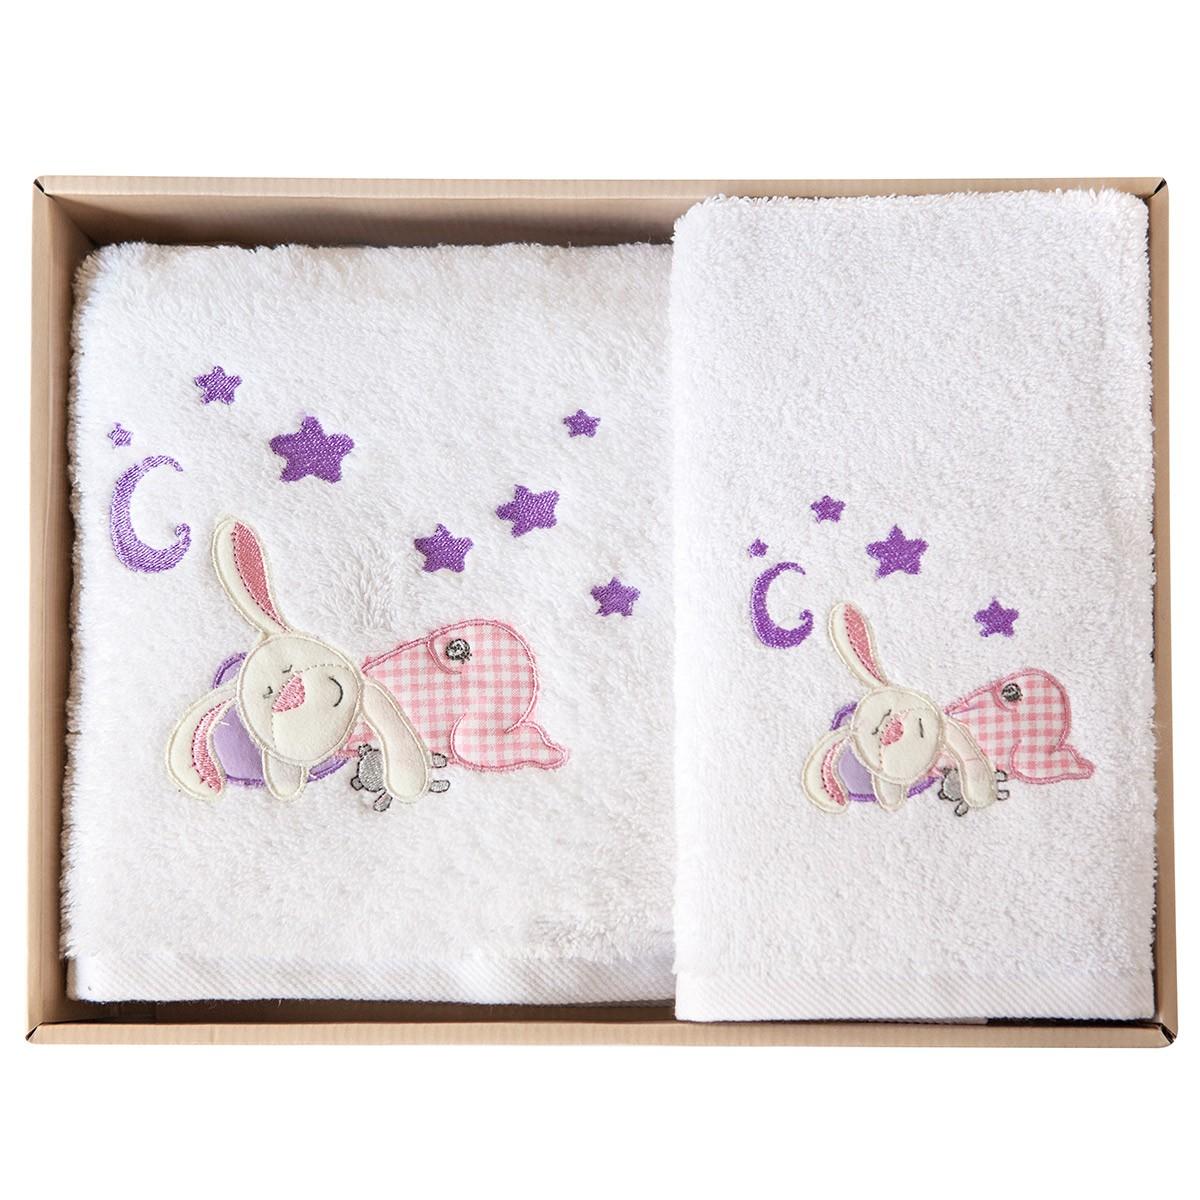 Βρεφικές Πετσέτες (Σετ 2τμχ) Melinen Rabbit White X Pink